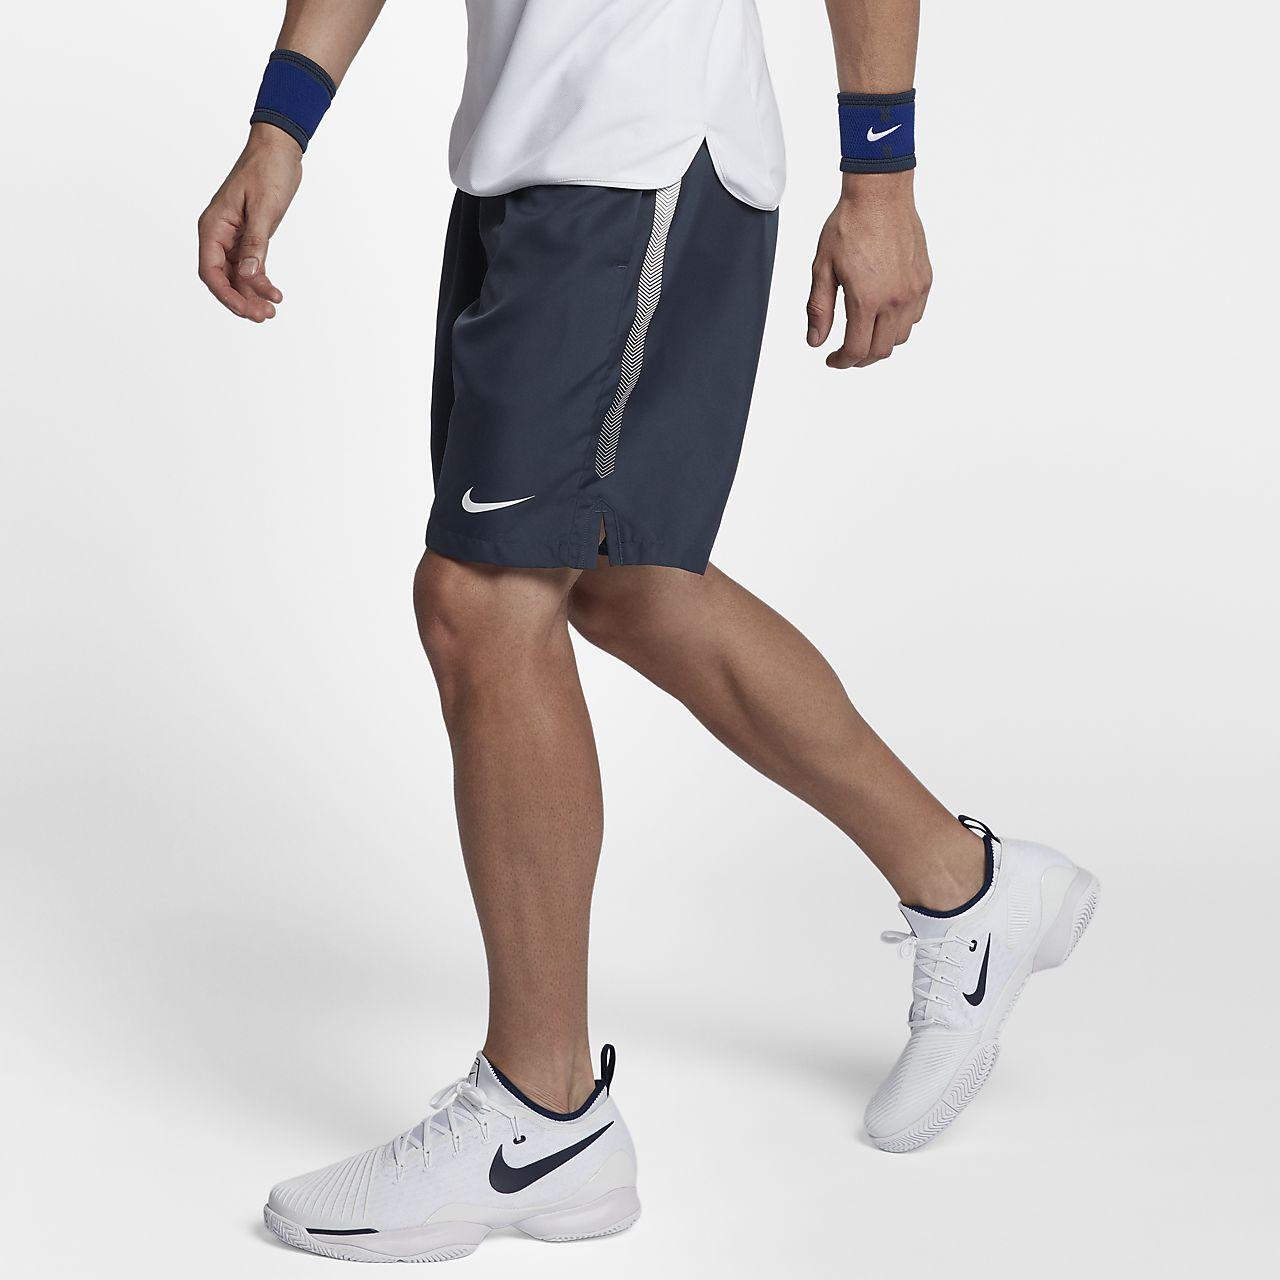 กางเกงเทนนิสขาสั้น 9 นิ้วผู้ชาย NikeCourt Dri-FIT